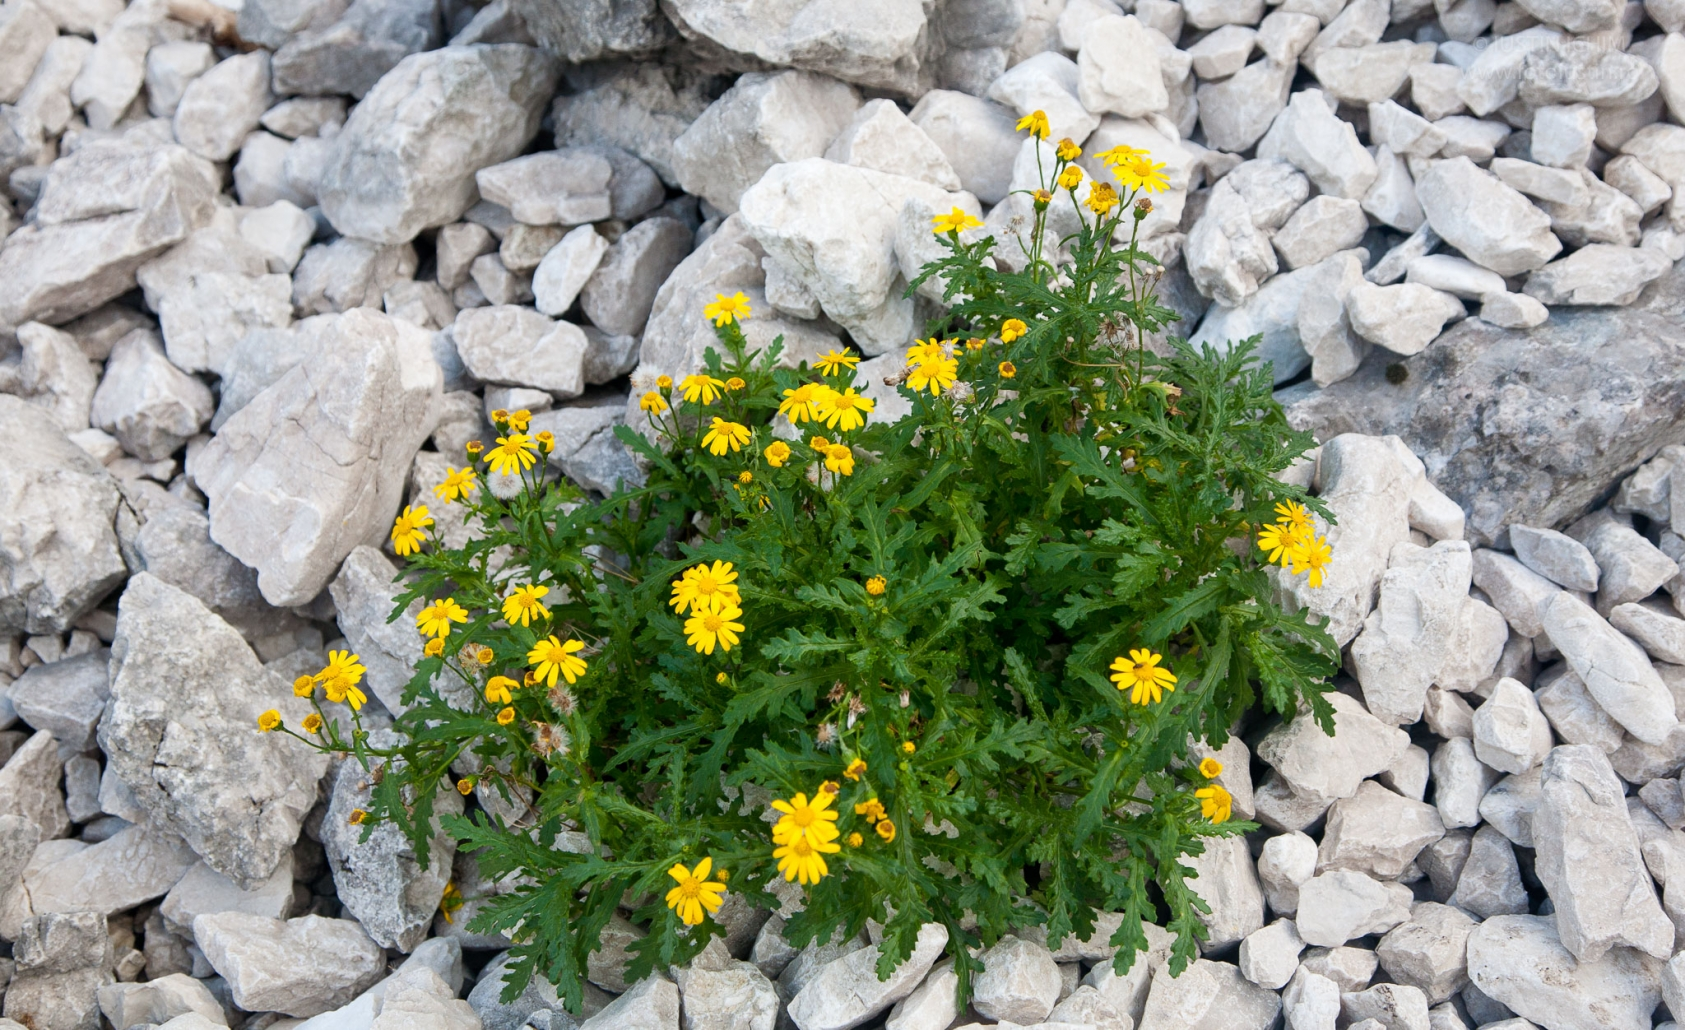 Senecio squalidus subsp. rupestris, Piatra Craiului